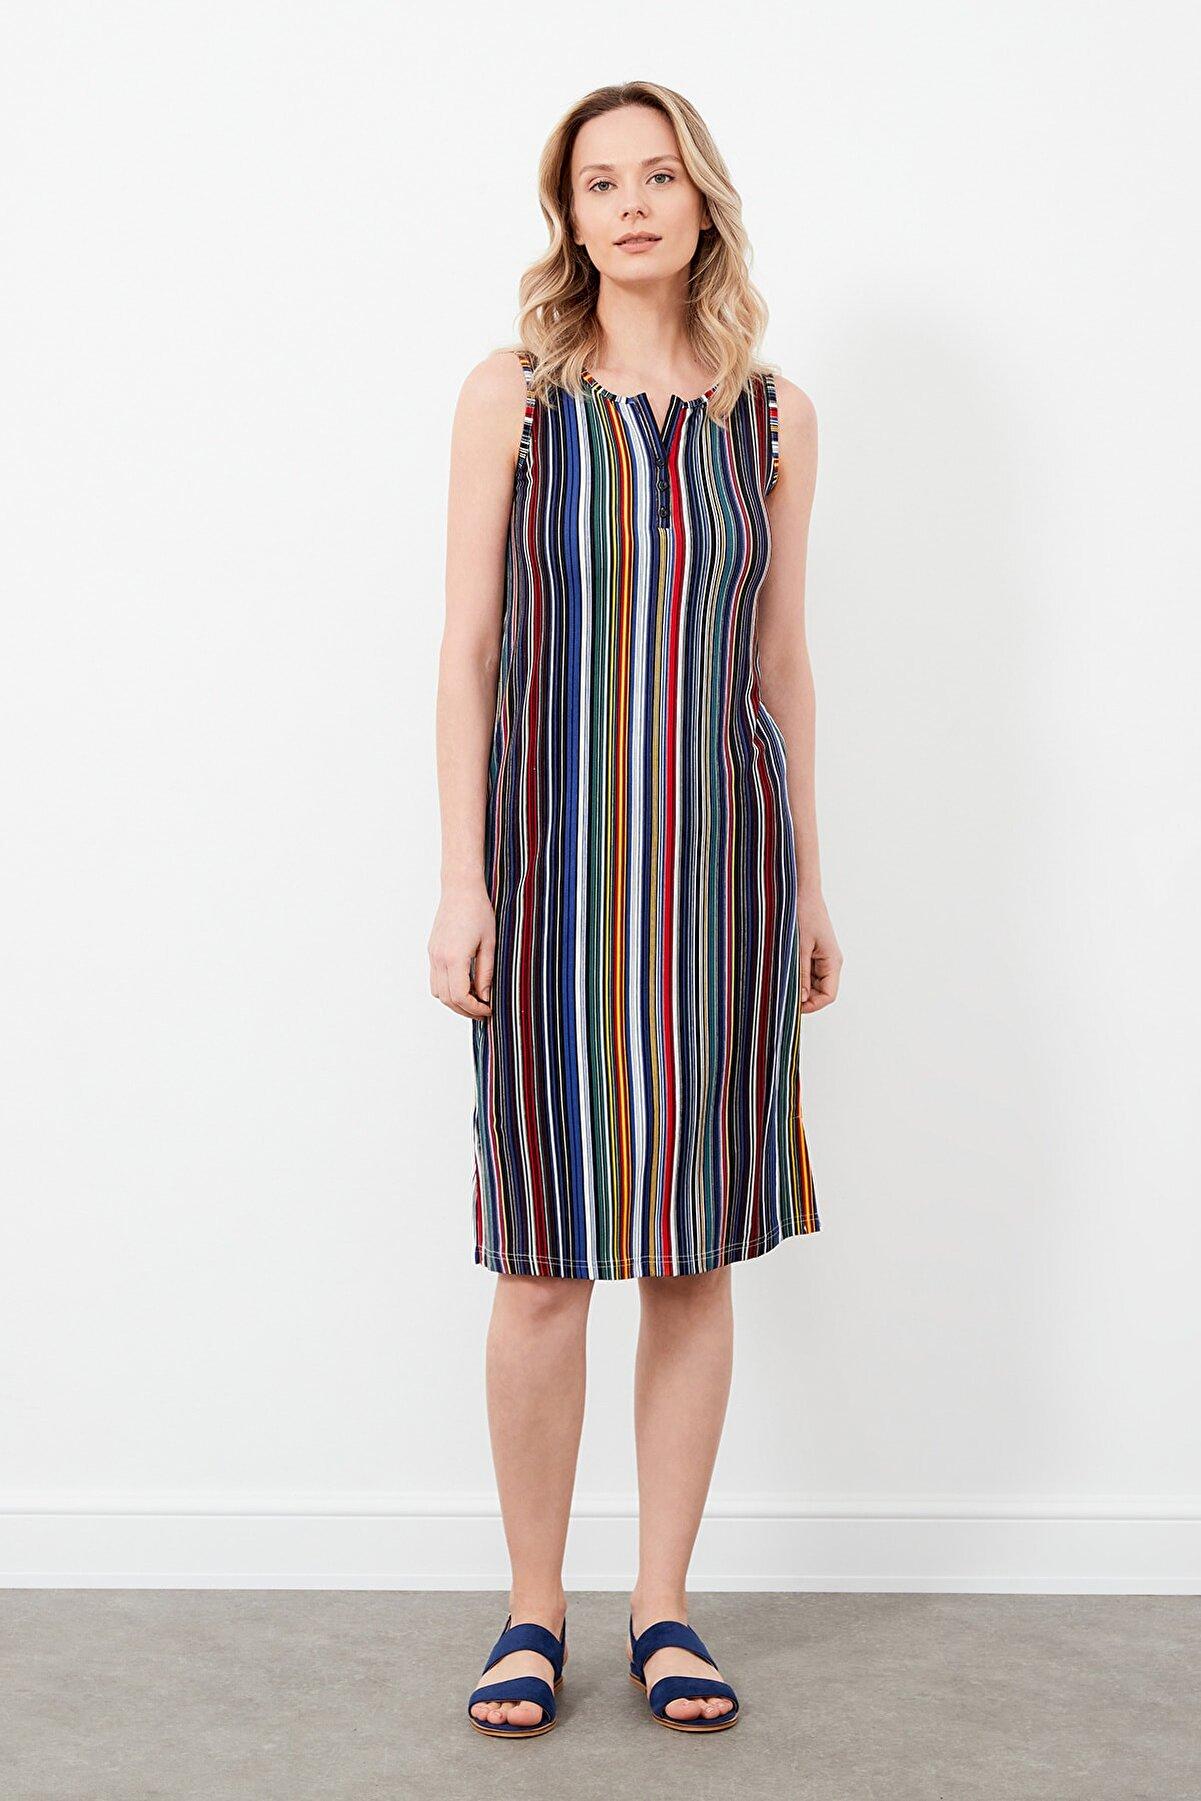 MARIANNE Çizgili Kolsuz Penye Viskon Elbise 21065-2